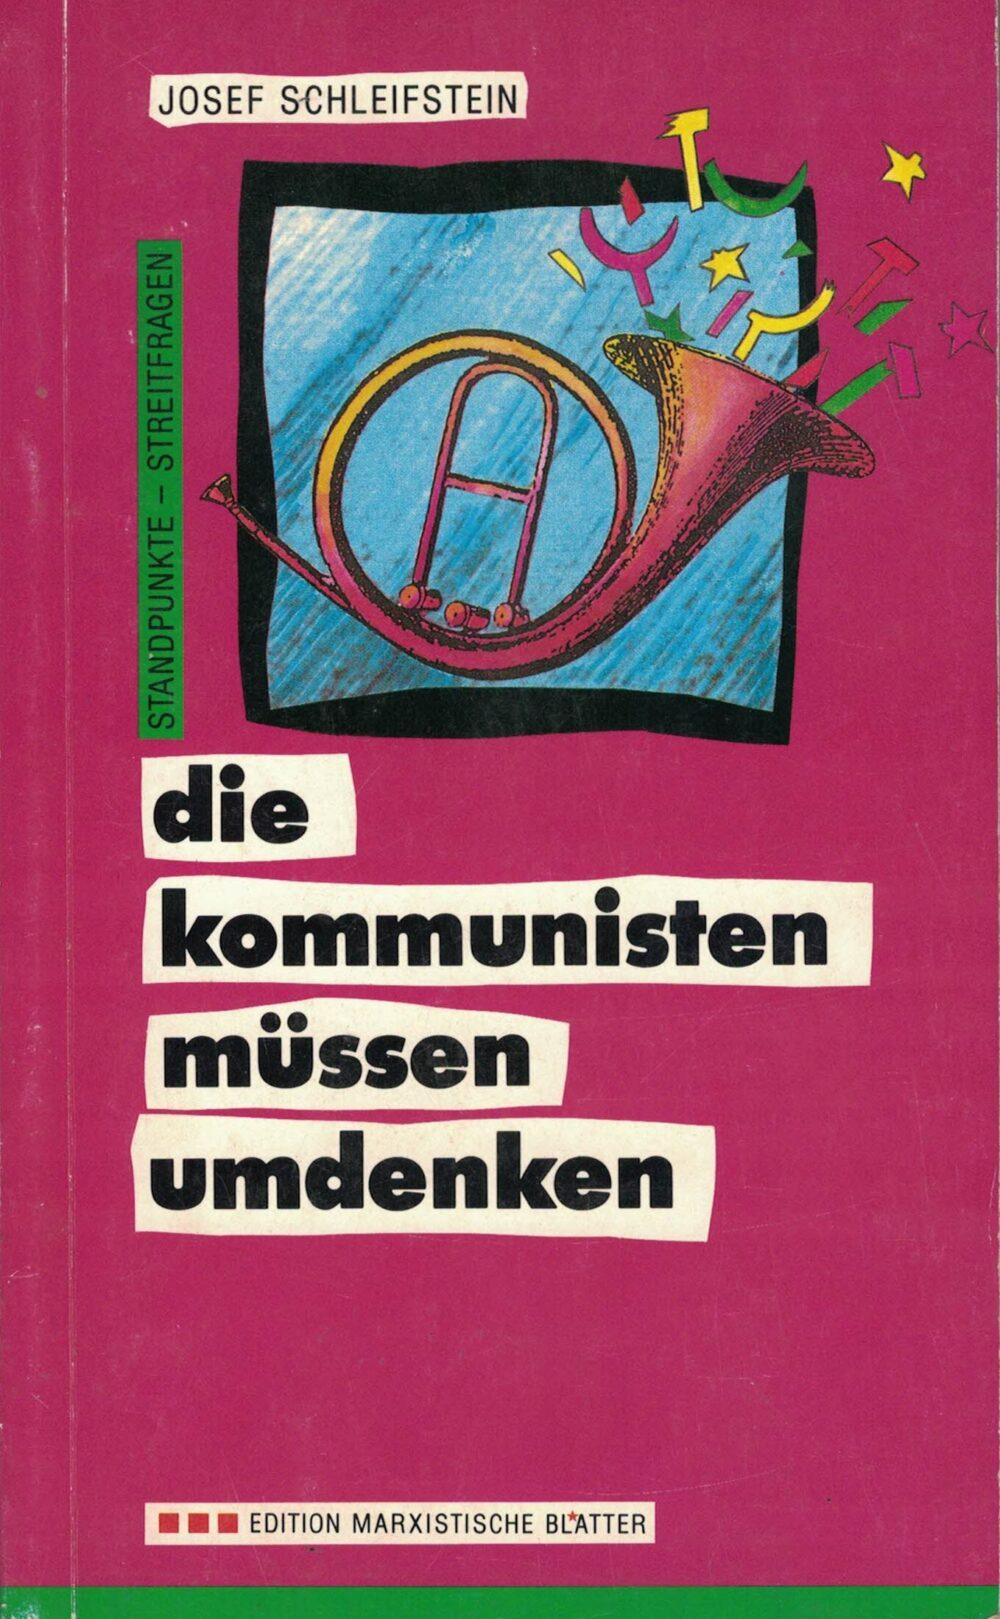 Josef Schleifstein - Die Kommunisten müssen umdenken